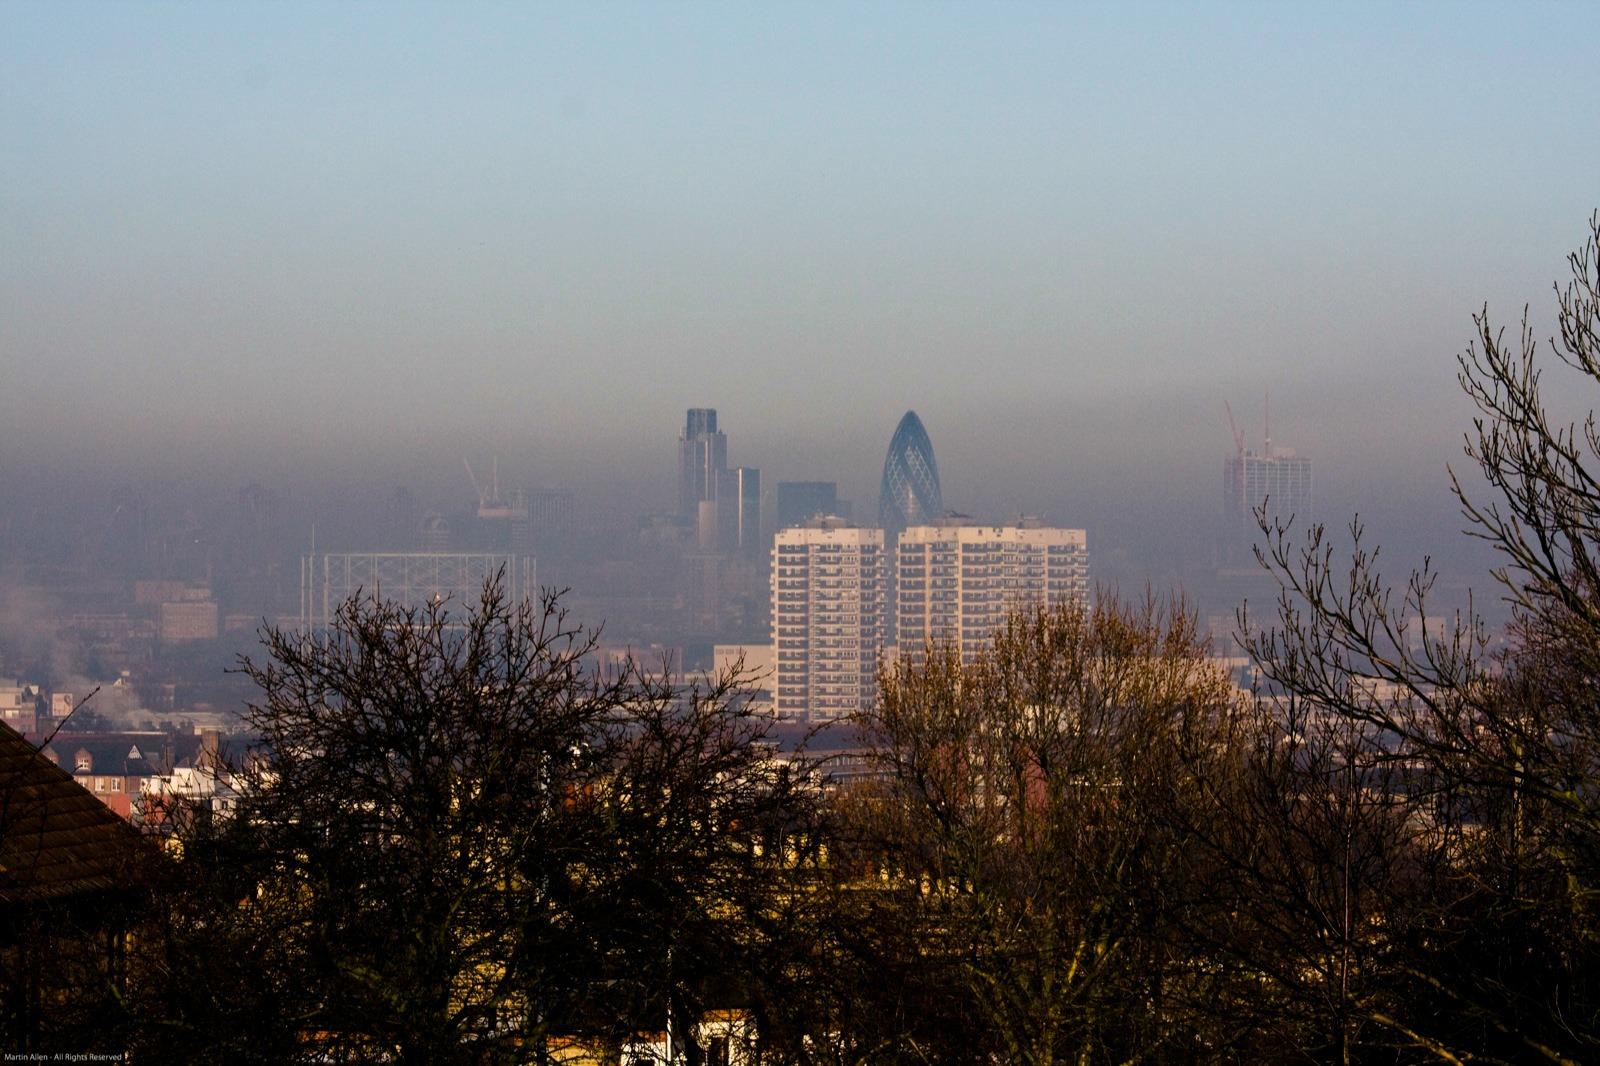 La pollution urbaine est notamment liée aux oxydes d'azote émis par les voitures[martin allen/Flickr]